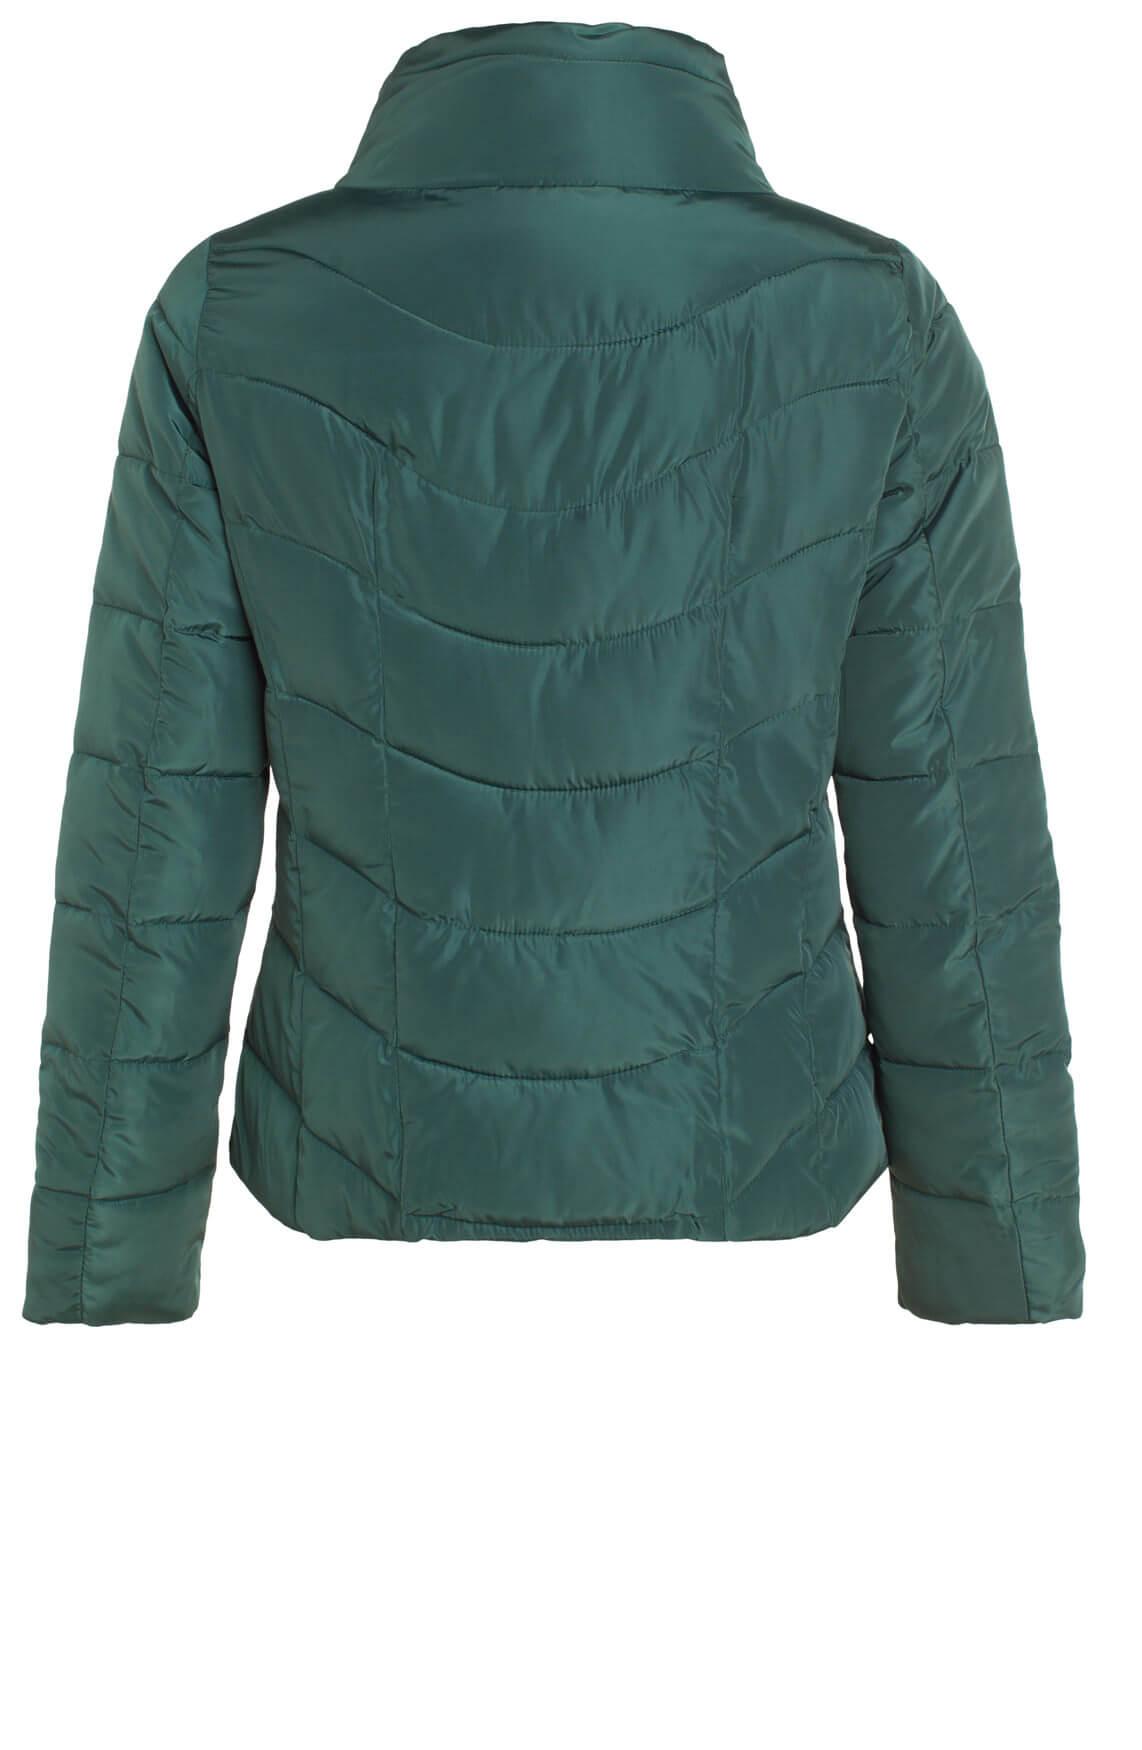 Kocca Dames Noa gewatteerde jas groen